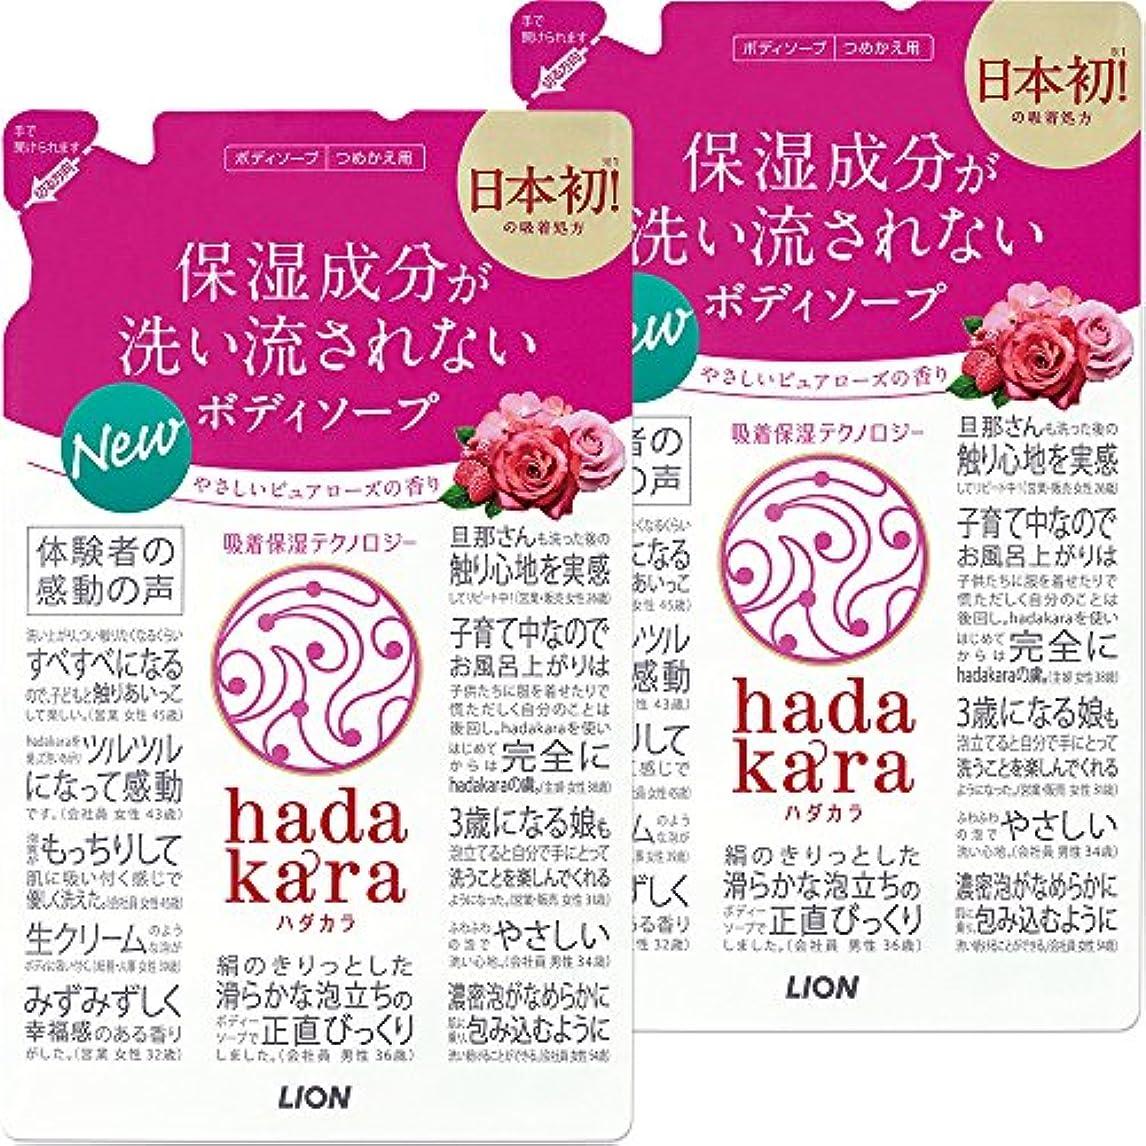 立証する属する高速道路【まとめ買い】hadakara(ハダカラ) ボディソープ ピュアローズの香り 詰め替え 360ml×2個パック